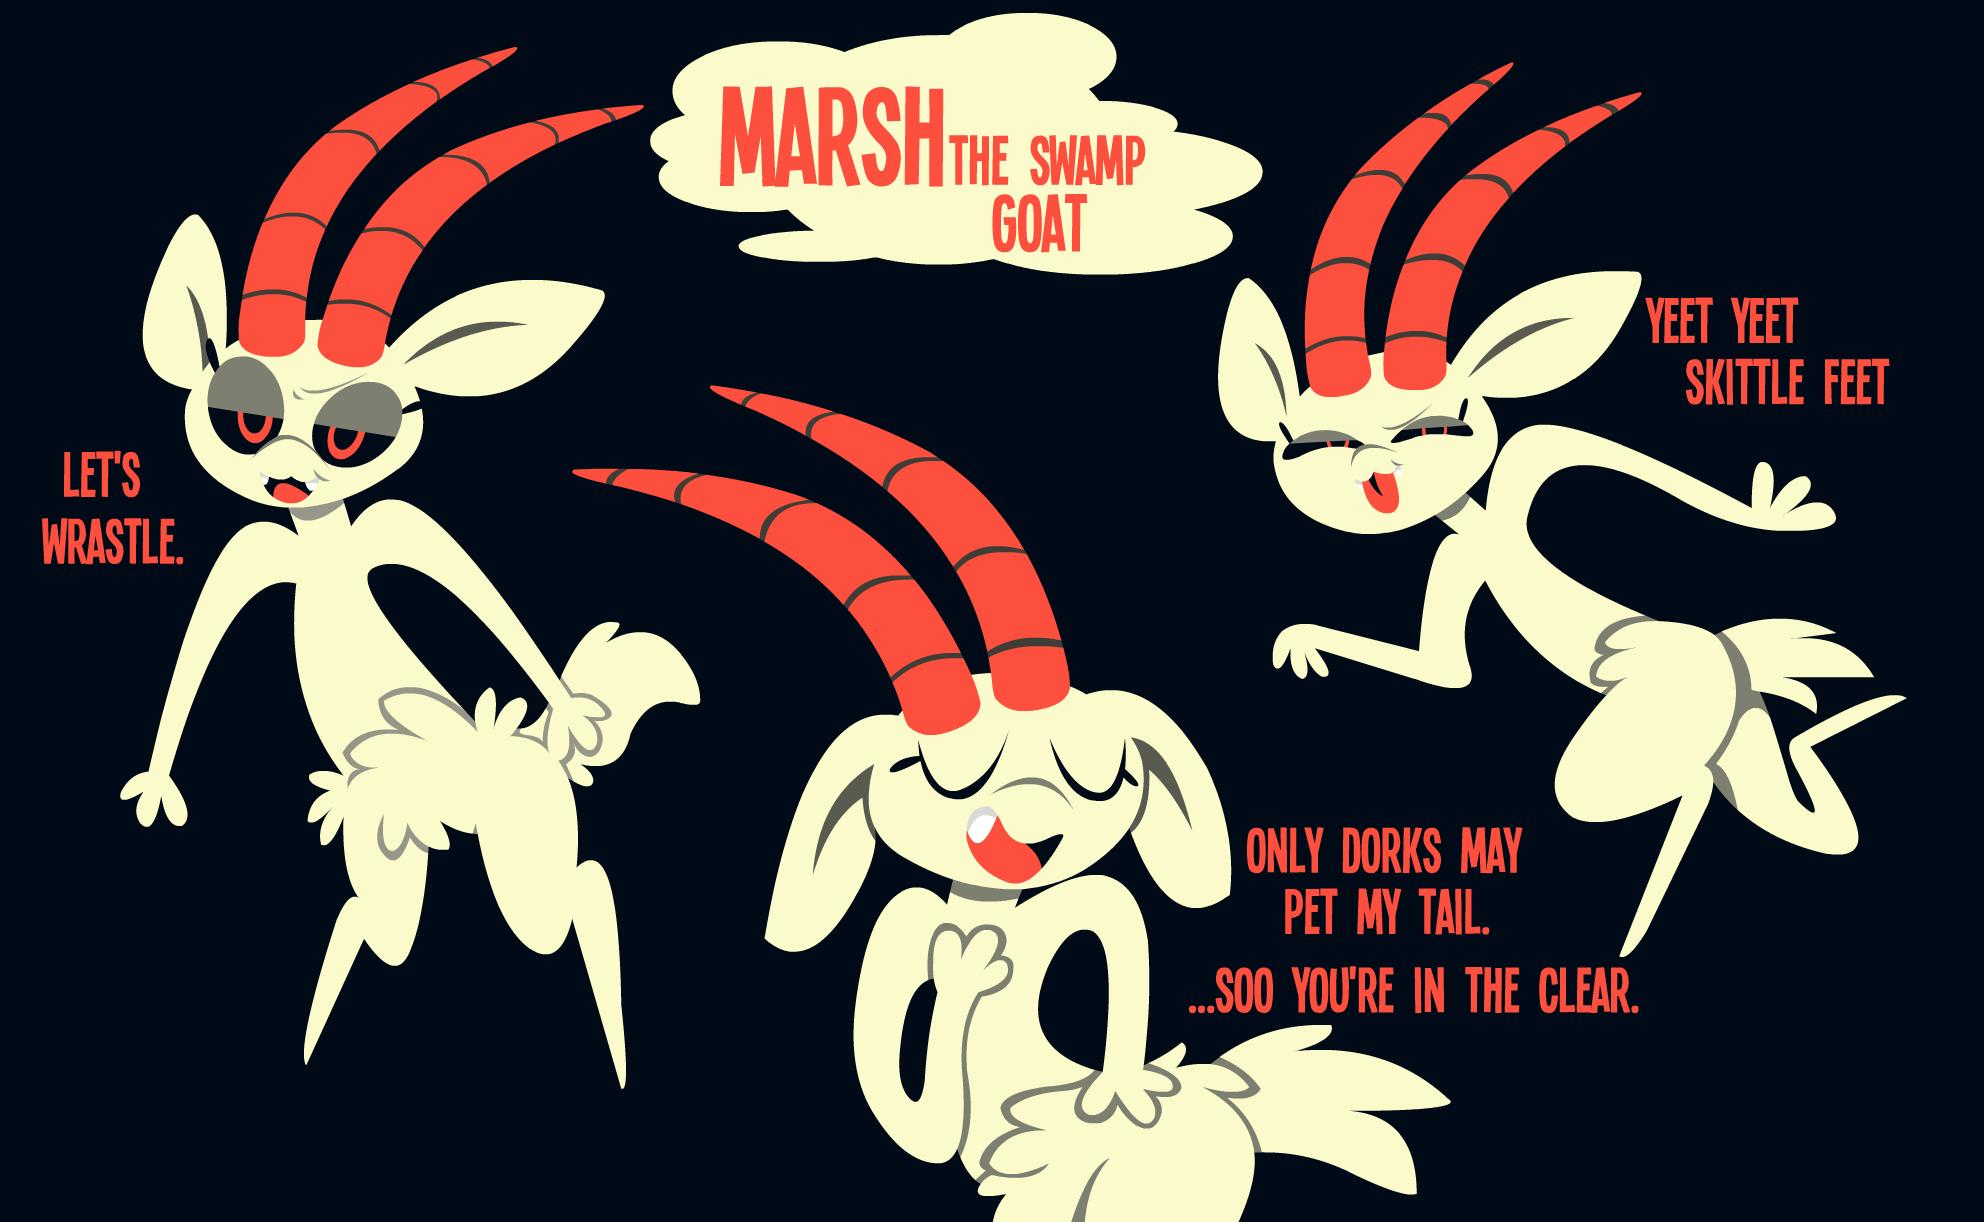 Marsh the swamp goat